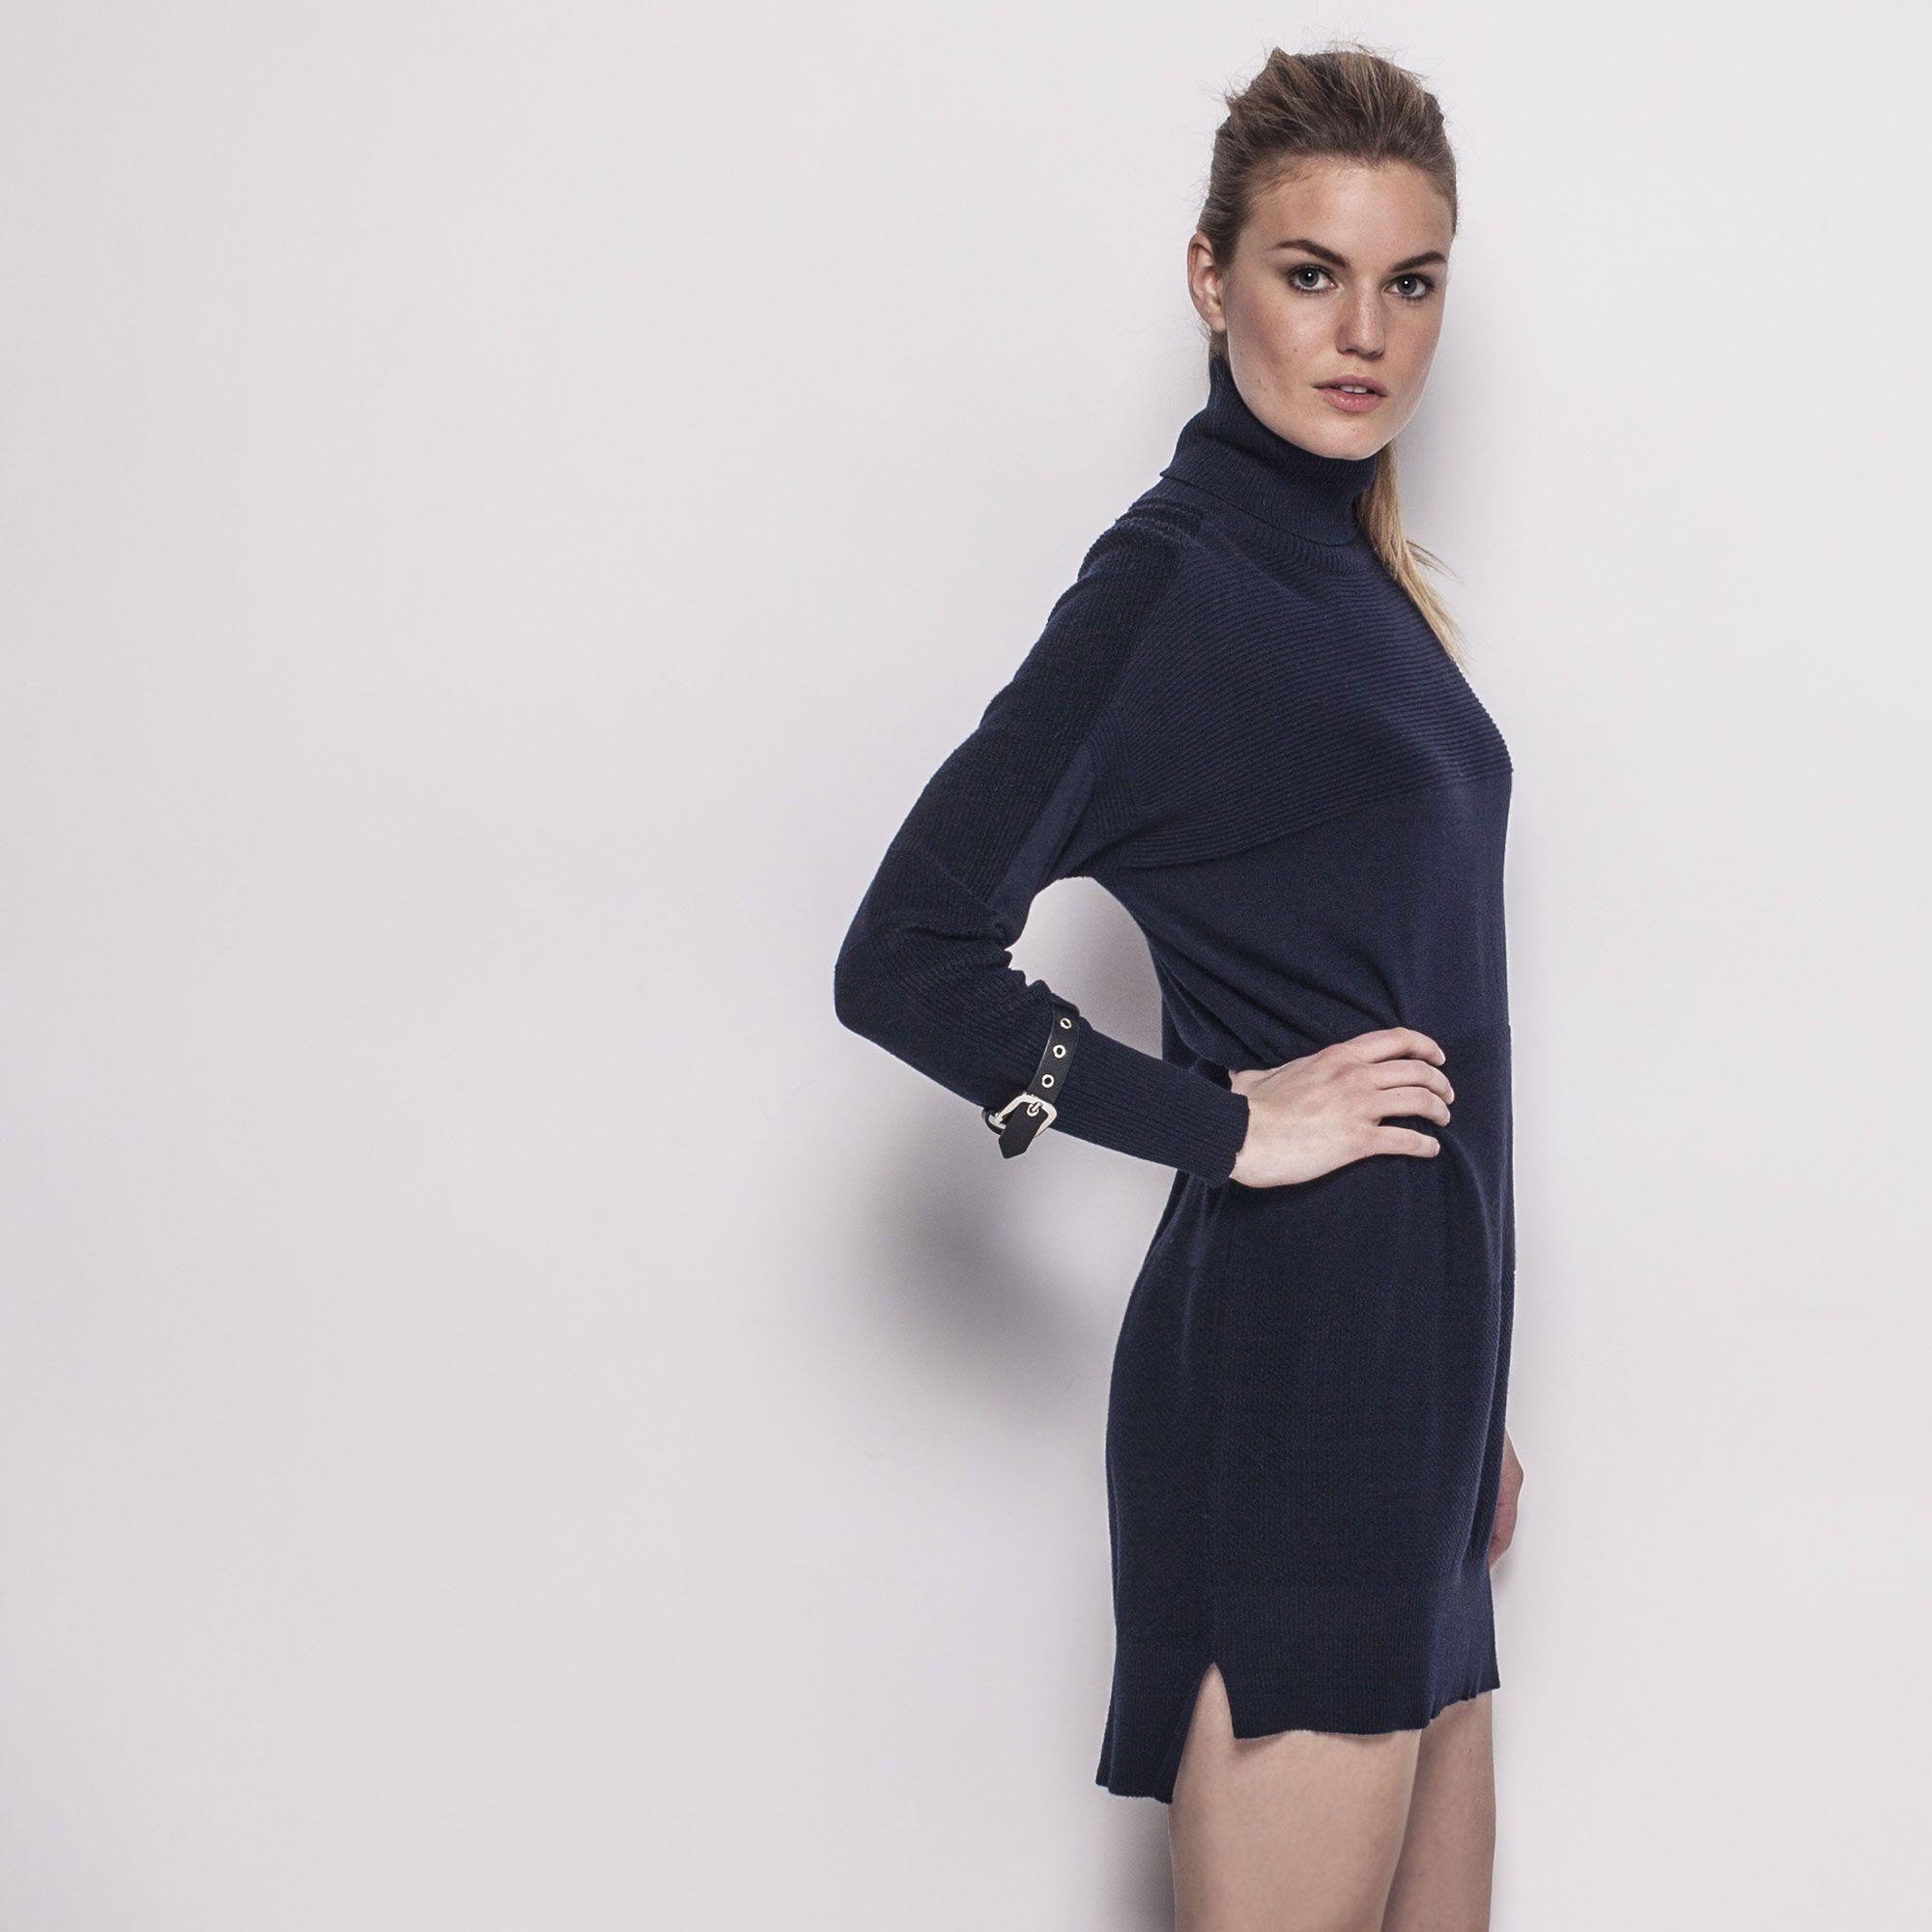 15 Hiver Ikks Pinterest bg30285 Femme Vêtement Robe Pull Mode YfgnO